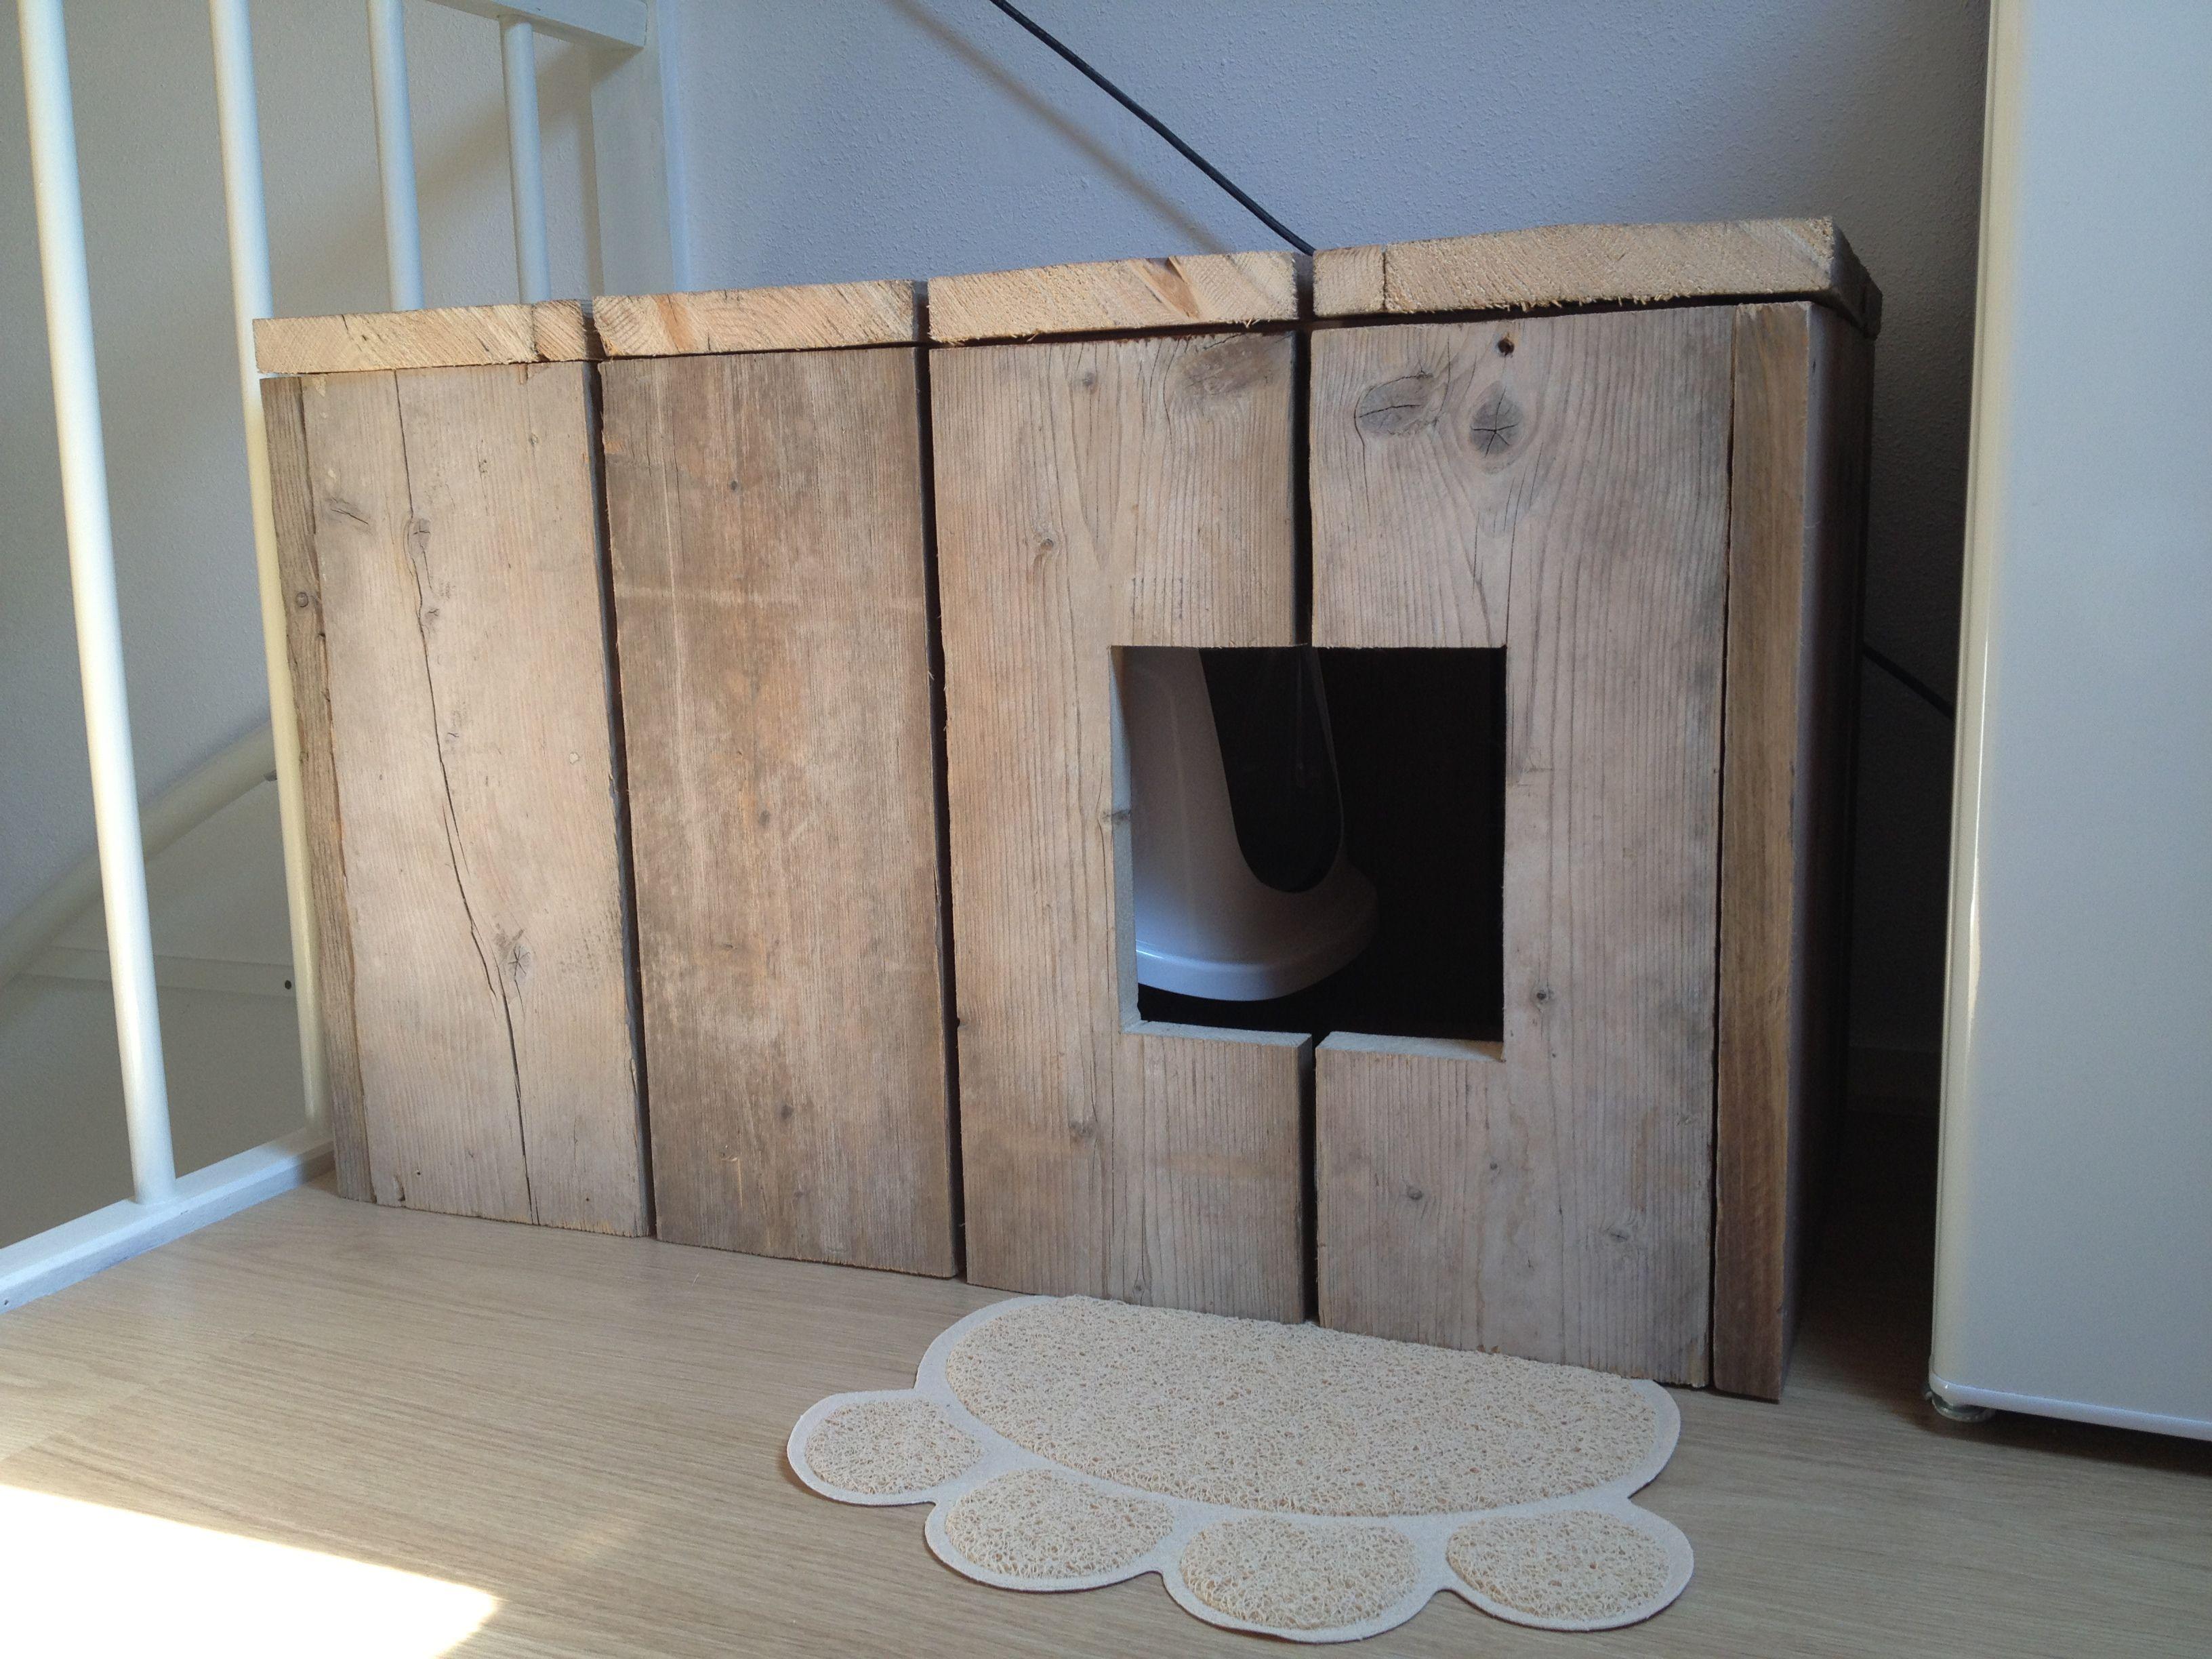 Beste Een hok van steigerhout waar je de kattenbak in kan zetten! | Fur QV-08